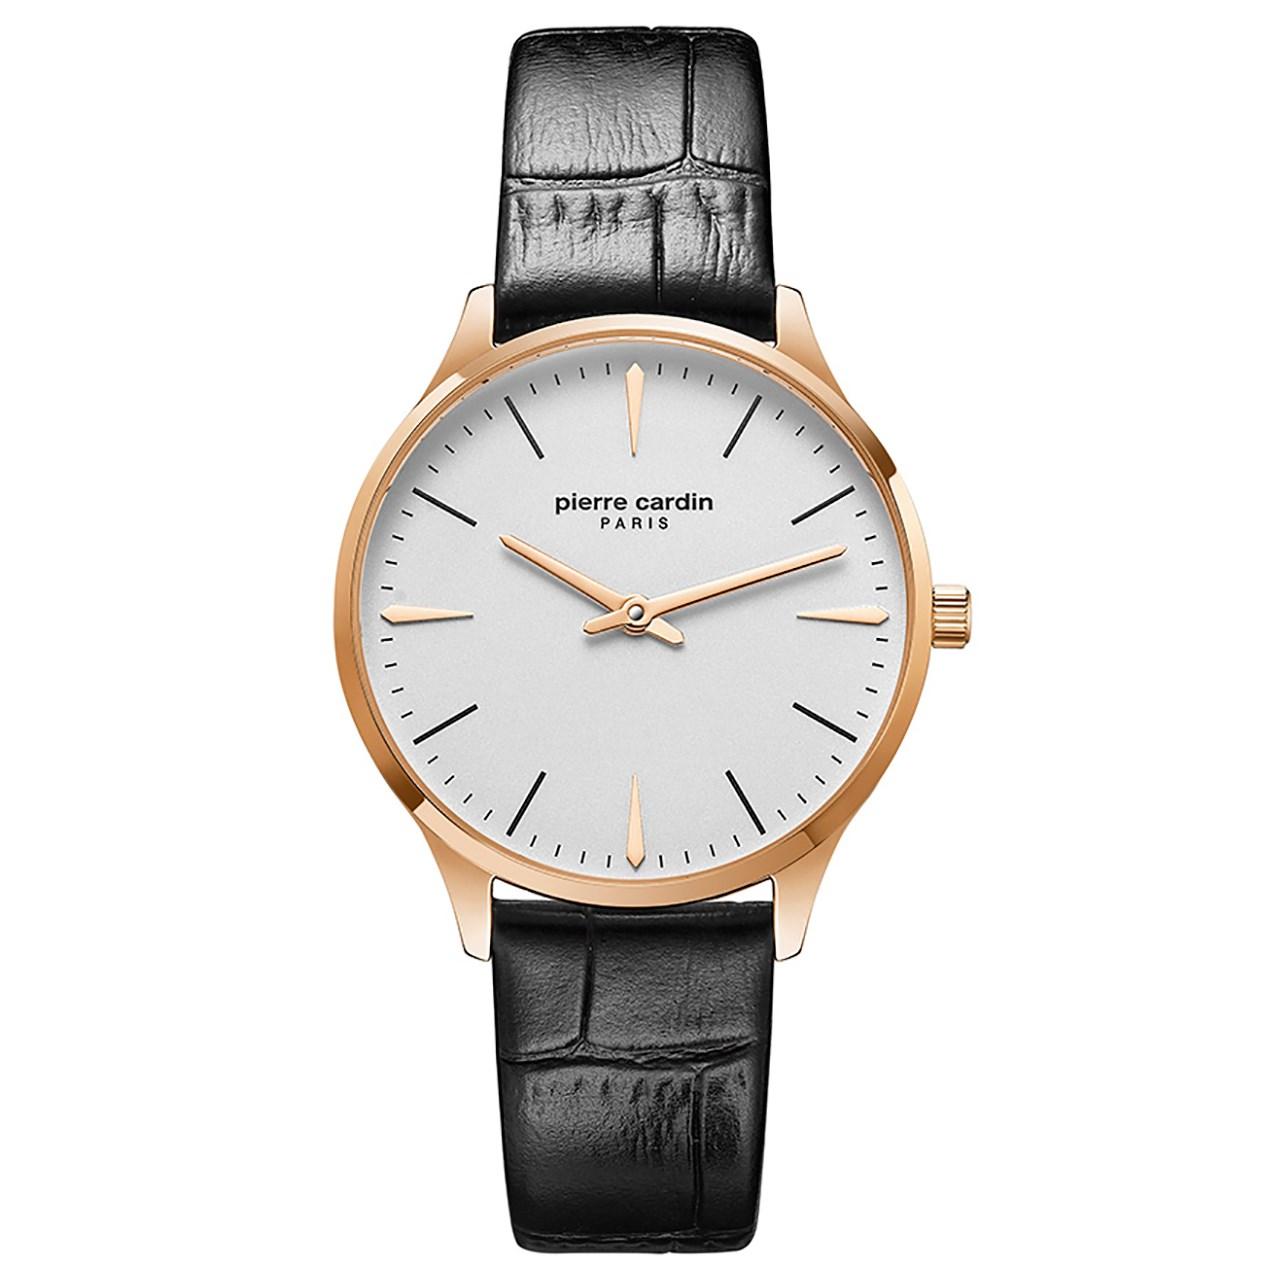 ساعت مچی عقربه ای زنانه پیر کاردین مدل PC902282F03